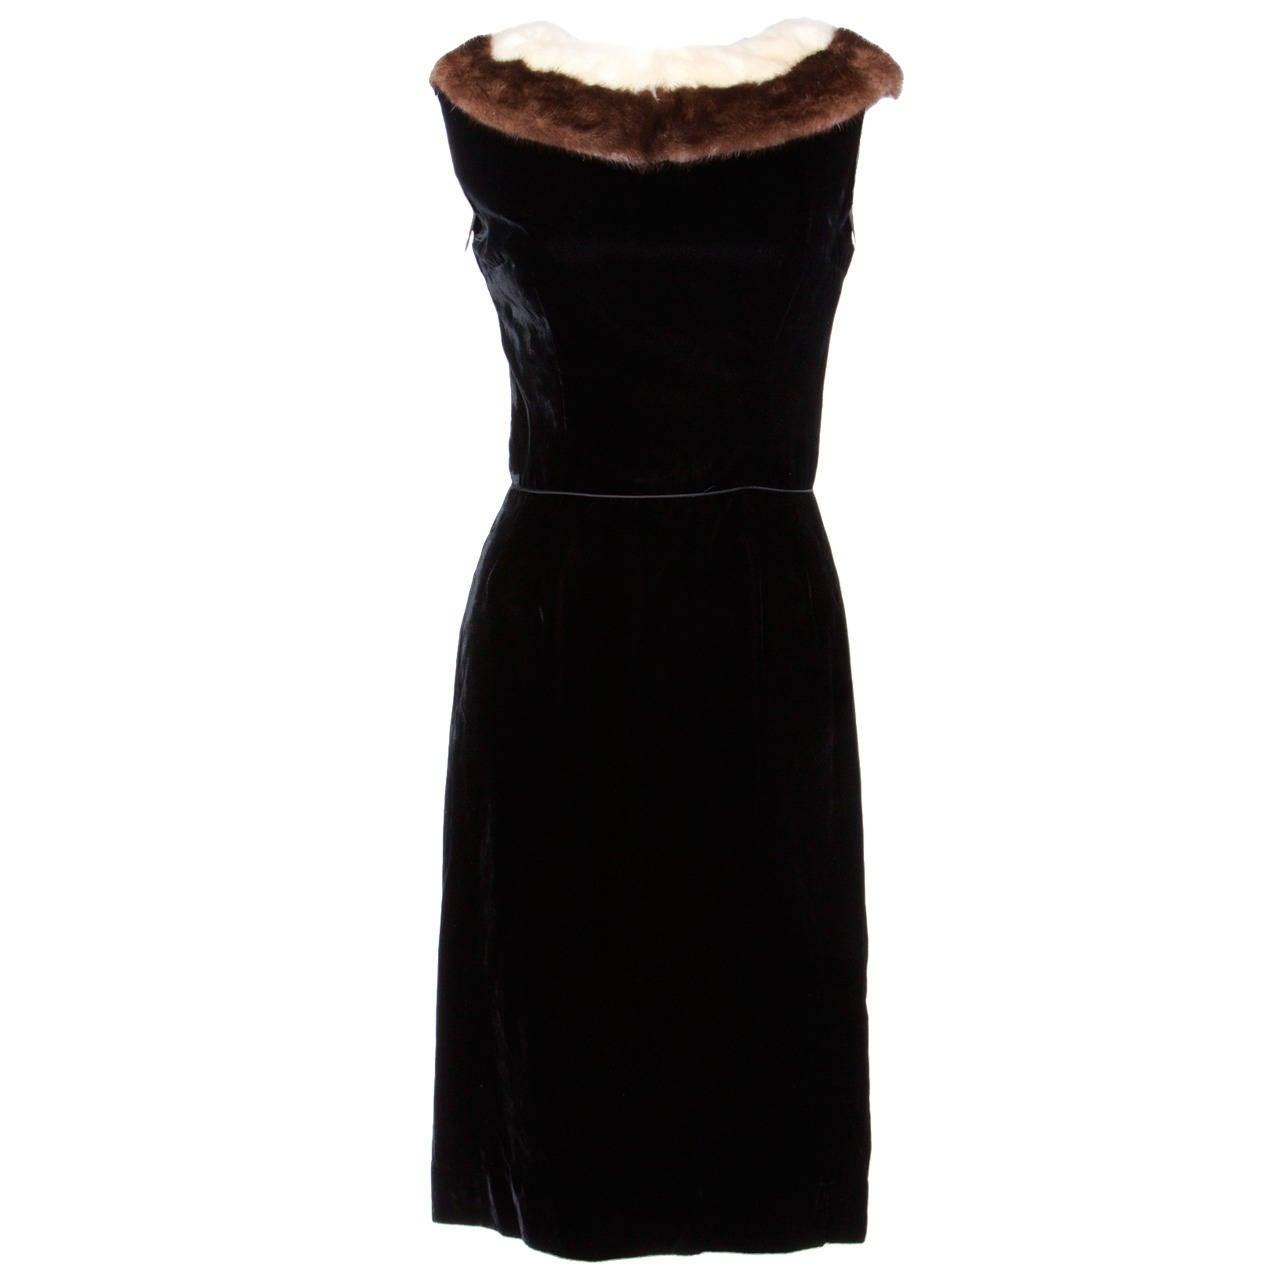 Vintage 1960s 60s Black Velvet Sheath Dress with Mink Fur Trim For Sale